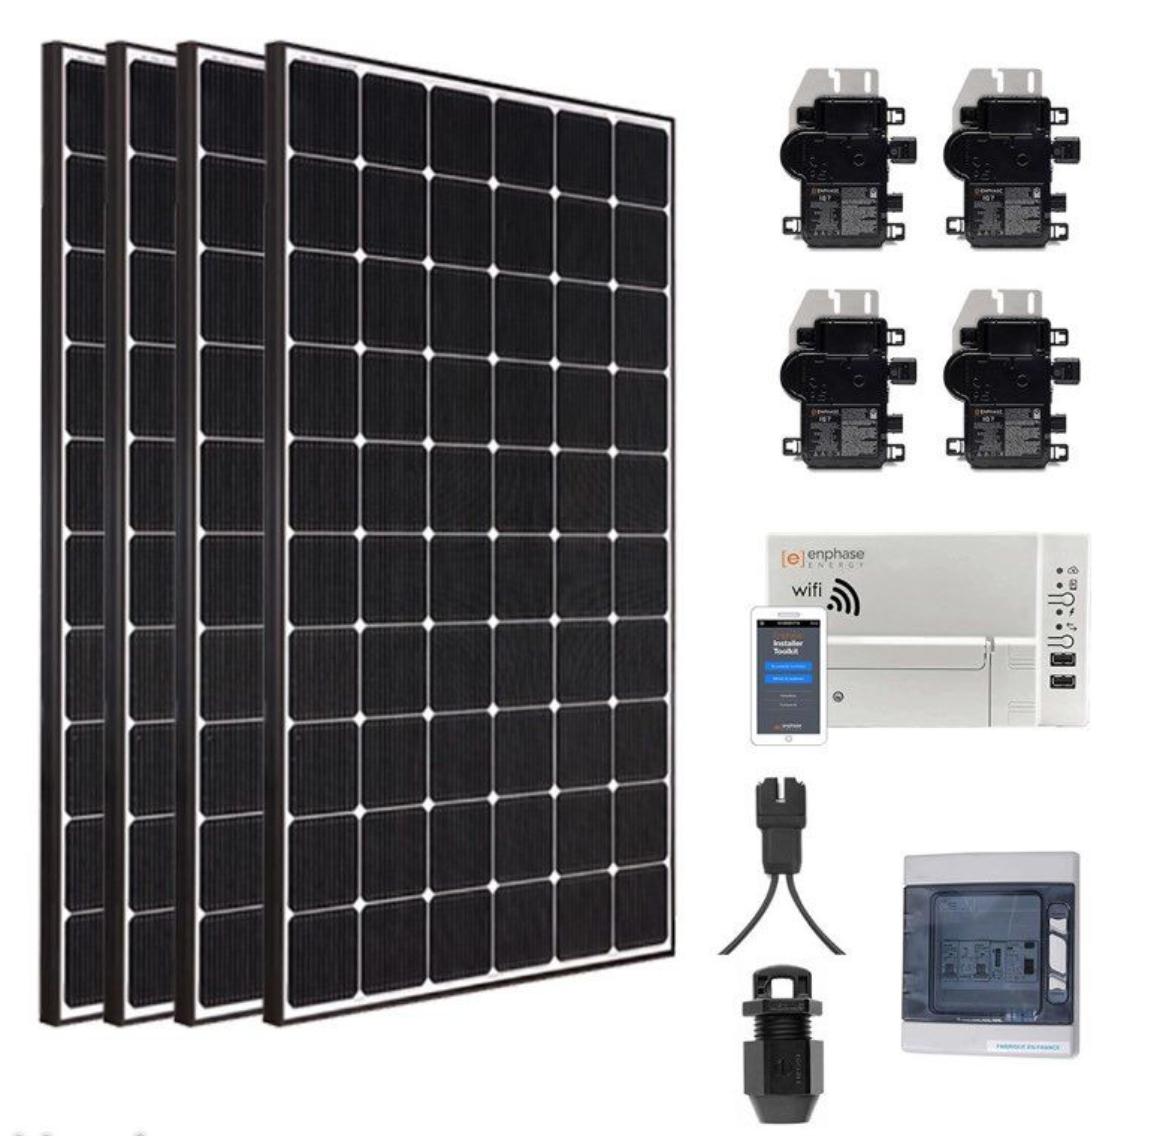 Kit Solaire Photovoltaique autoconsommation 1200W